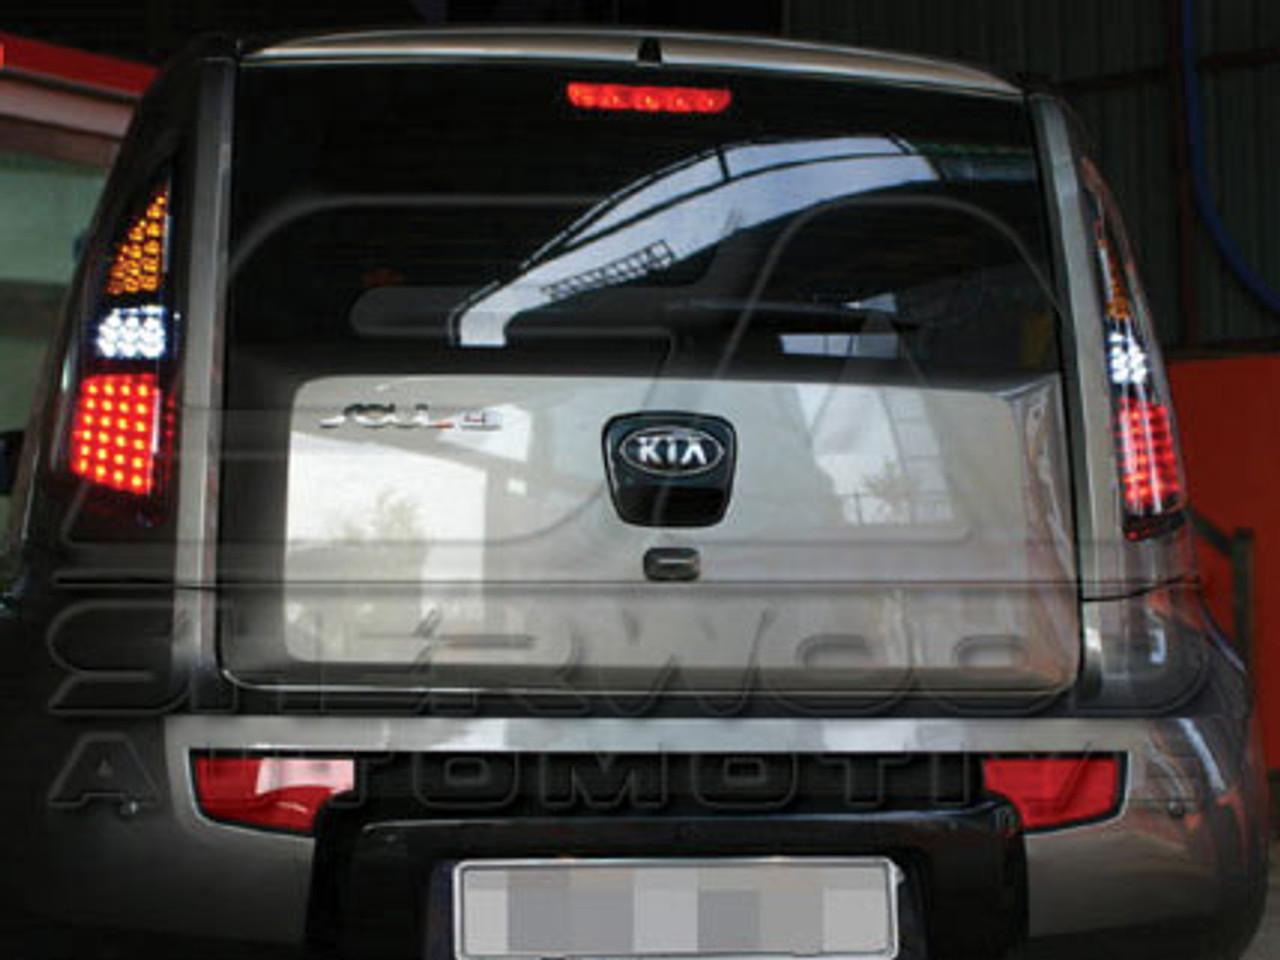 2006-09 Azera LED INNER Trunk Lid MTD RR Right Pass Side Brake Tail Light Lamp